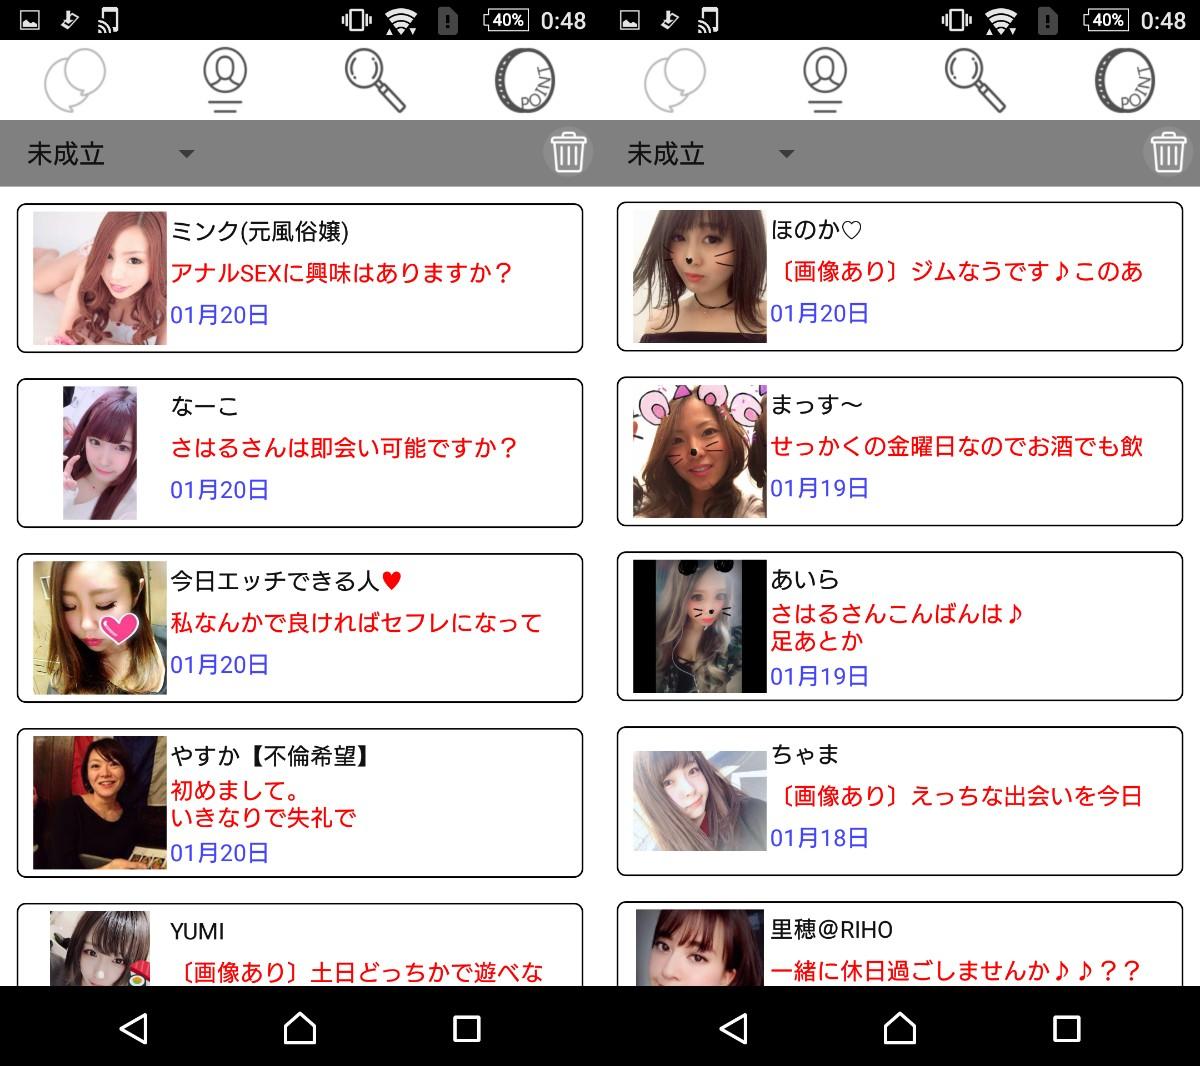 詐欺出会い系アプリ「SG]サクラ